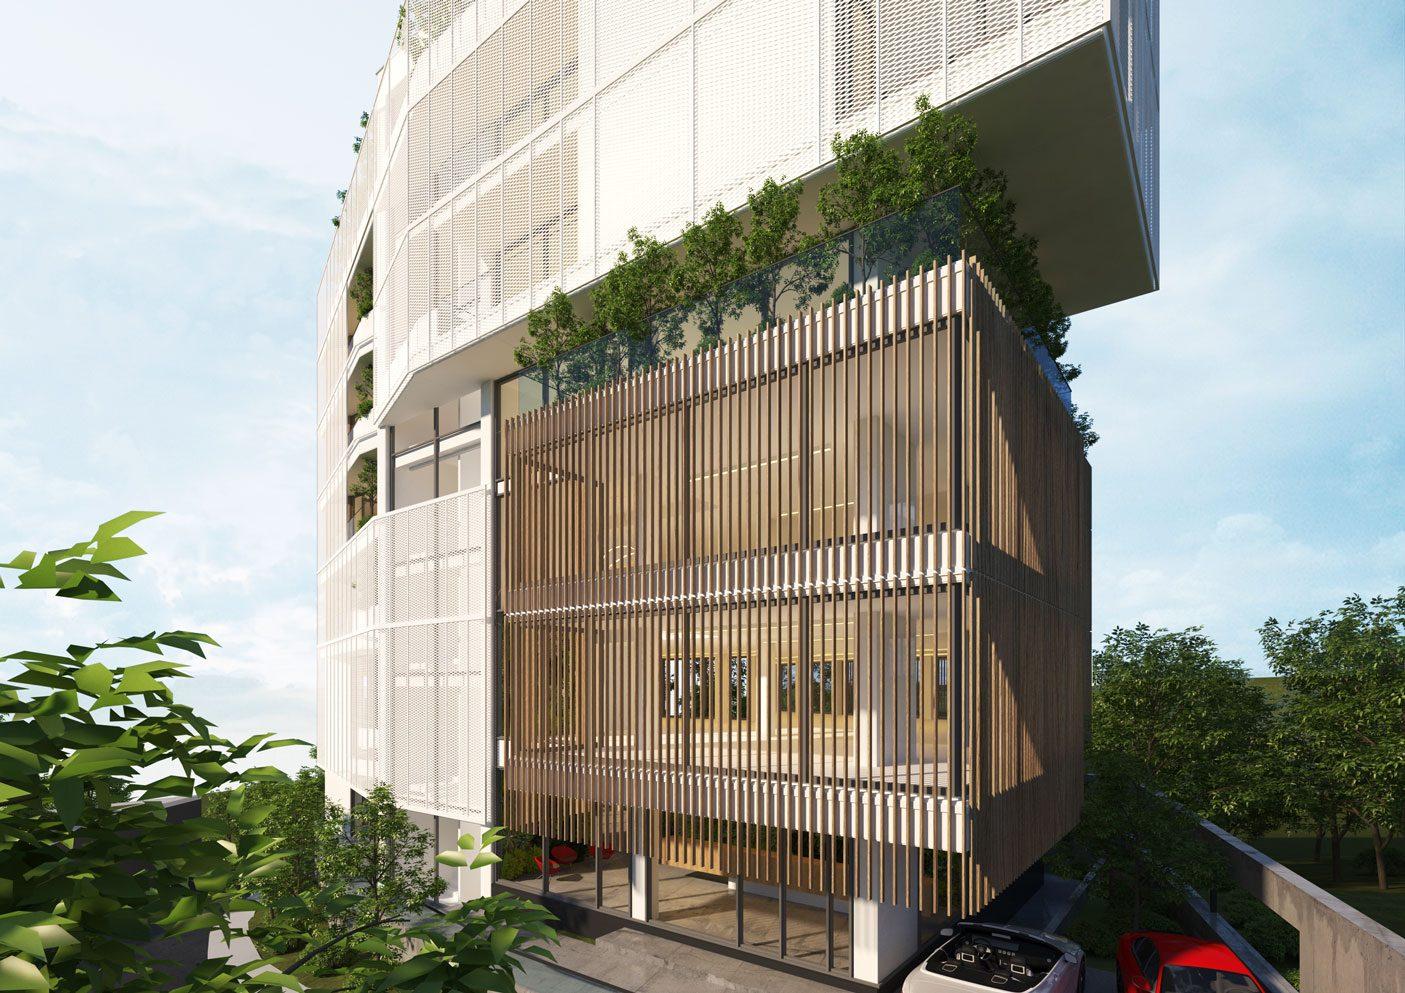 05_Seaside-Apartments-1.jpg